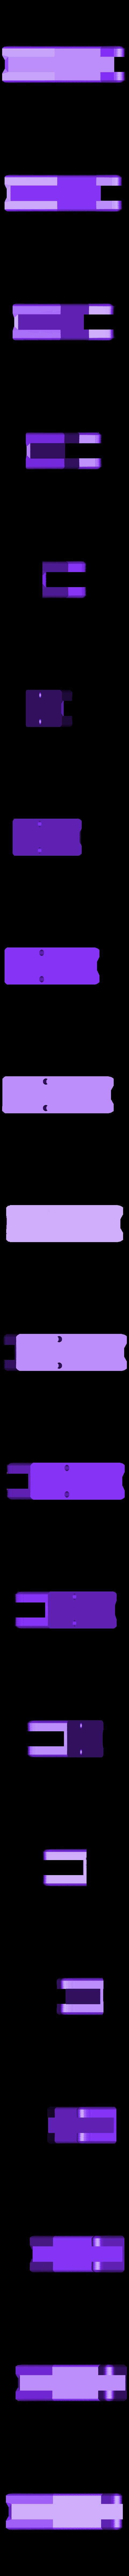 Lightcycle_Body_Bottom.STL Télécharger fichier STL gratuit Kit modèle Lightcycle • Objet pour impression 3D, billythemighty3Dprinter